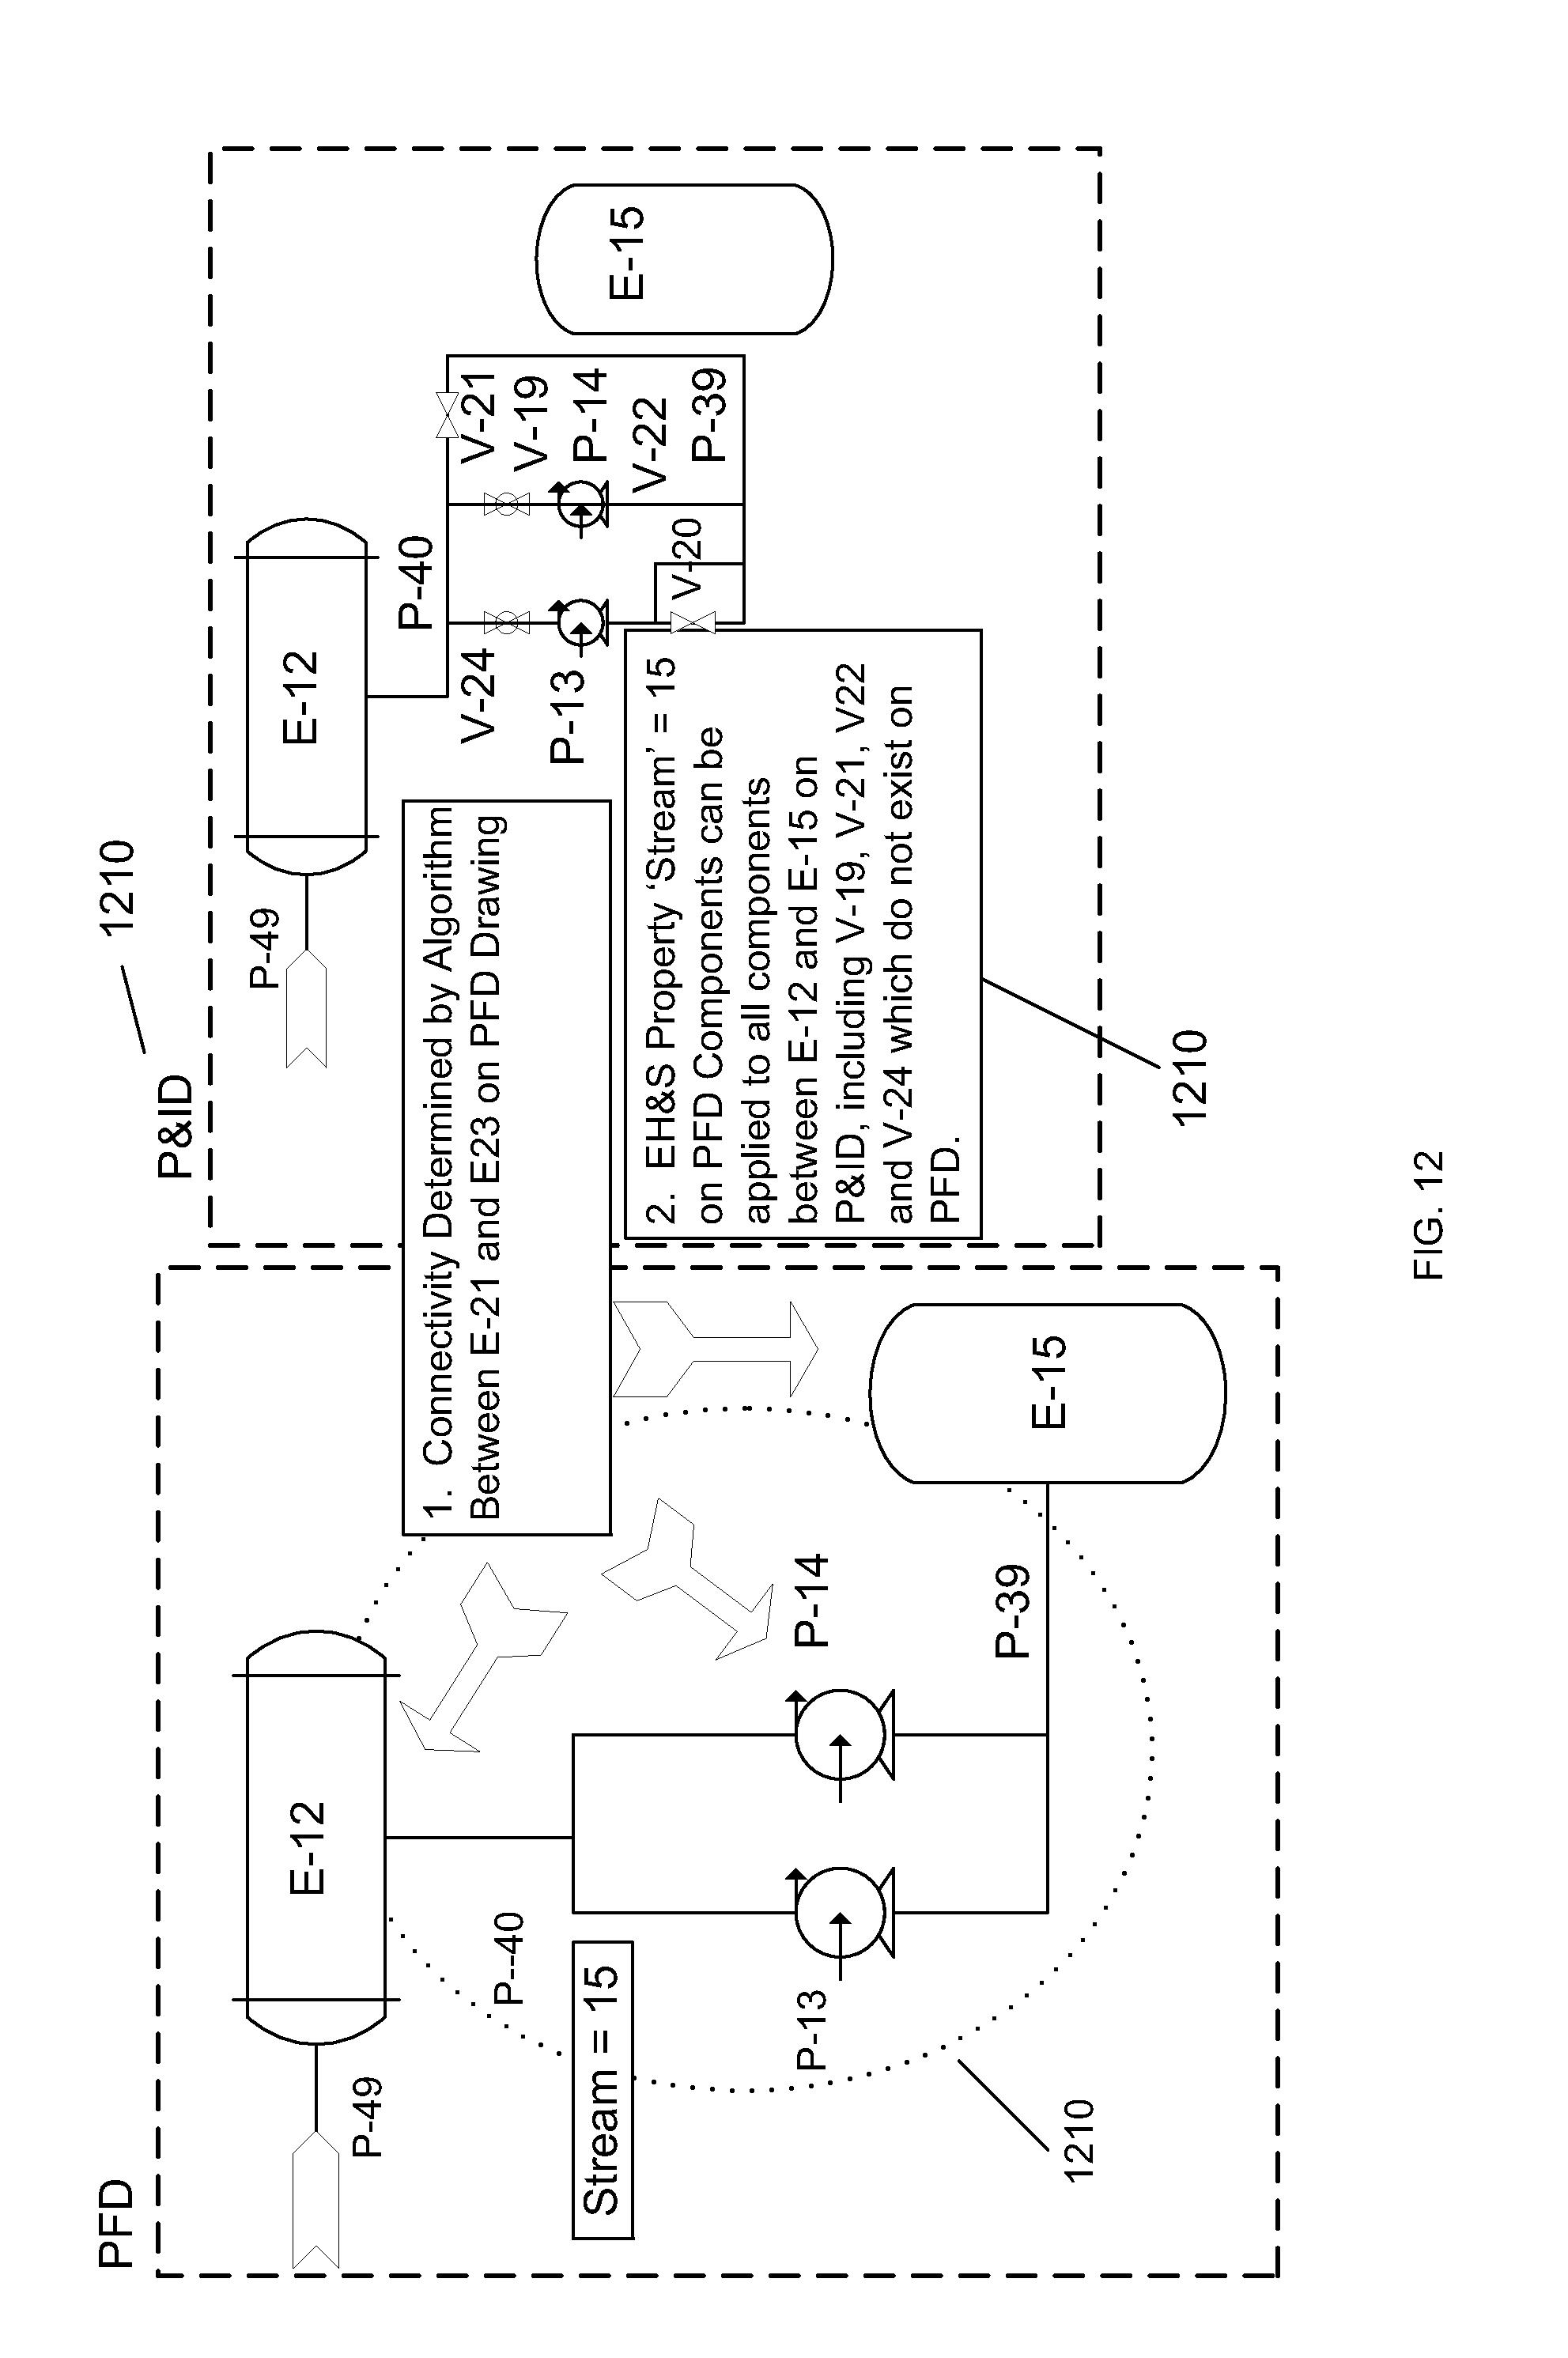 wiring diagram for a garage schemes